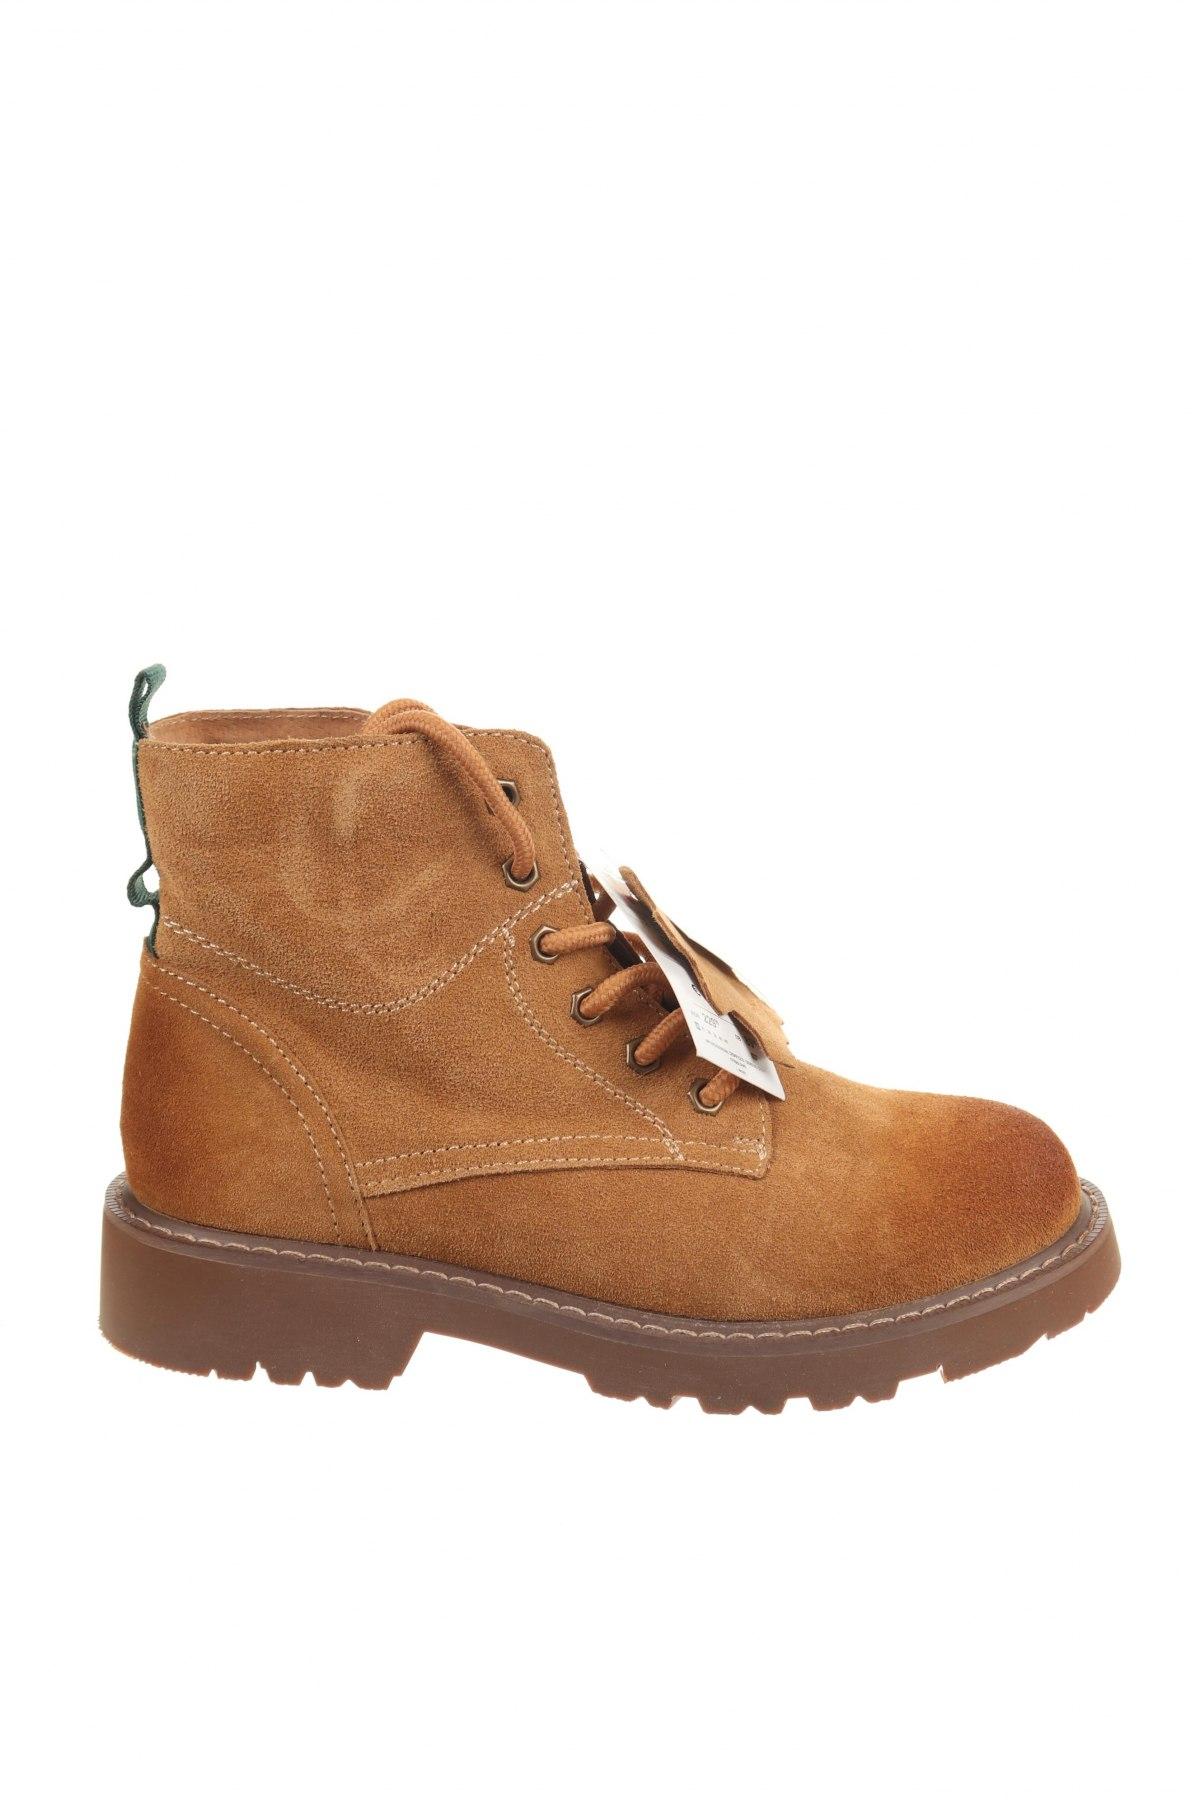 Παπούτσια Cropp, Μέγεθος 36, Χρώμα Καφέ, Φυσικό σουέτ, Τιμή 22,40€